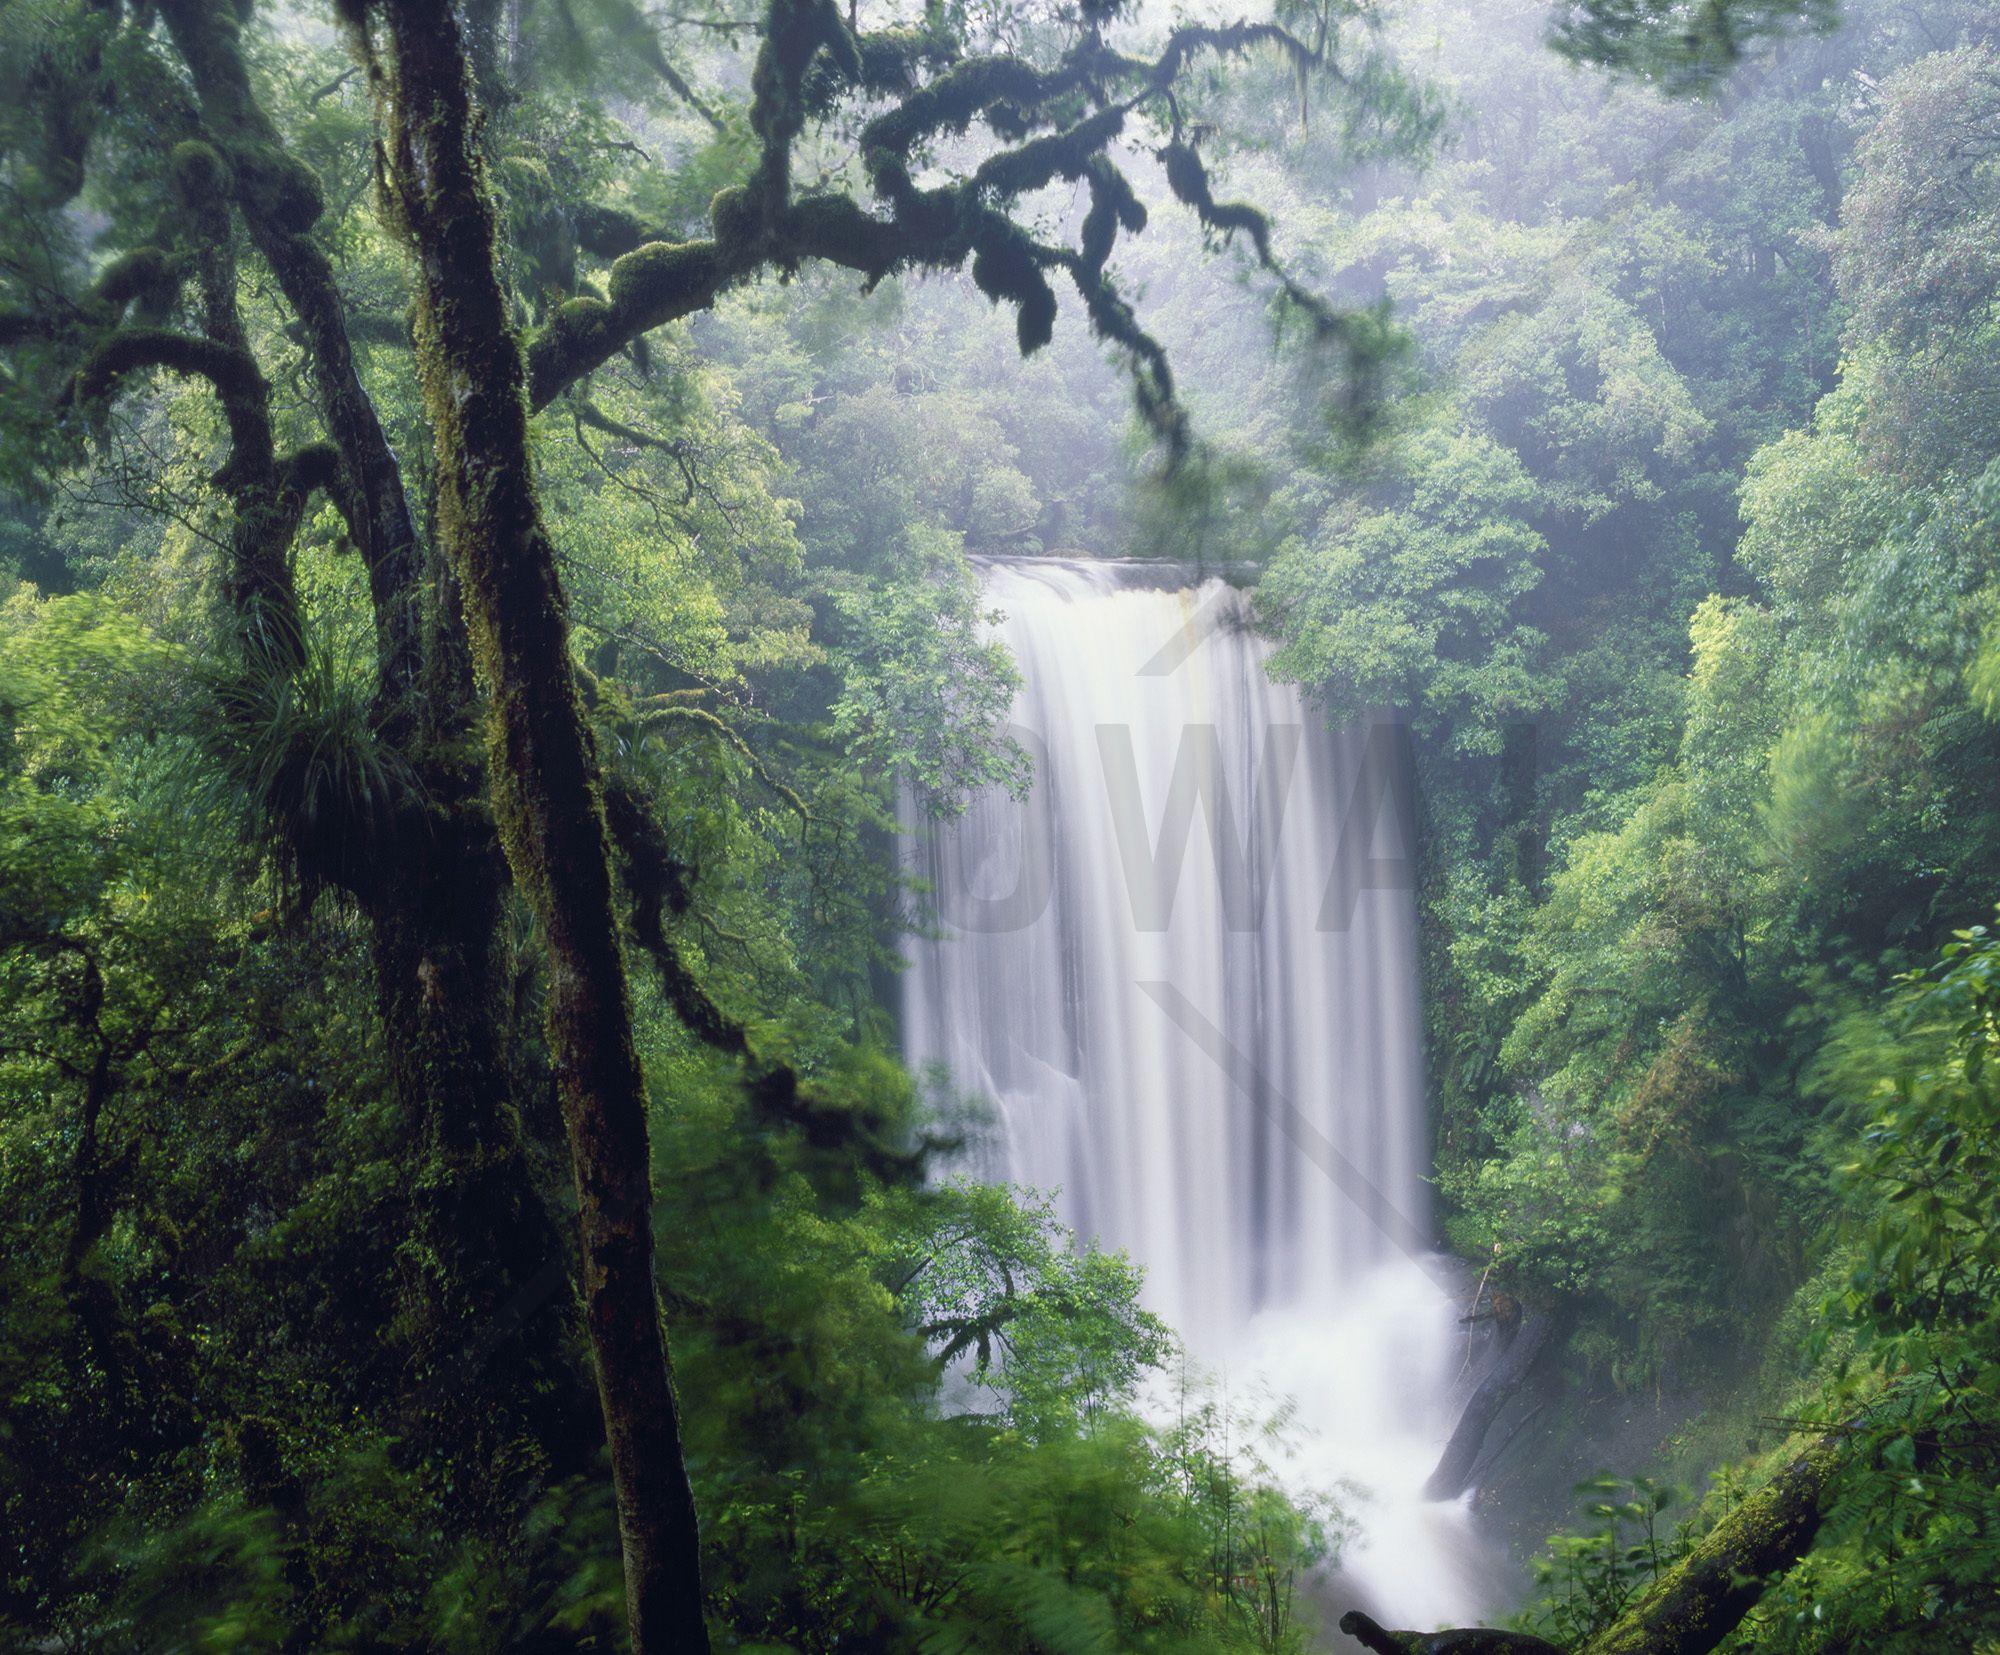 Waterfall in the Rain Wall Mural